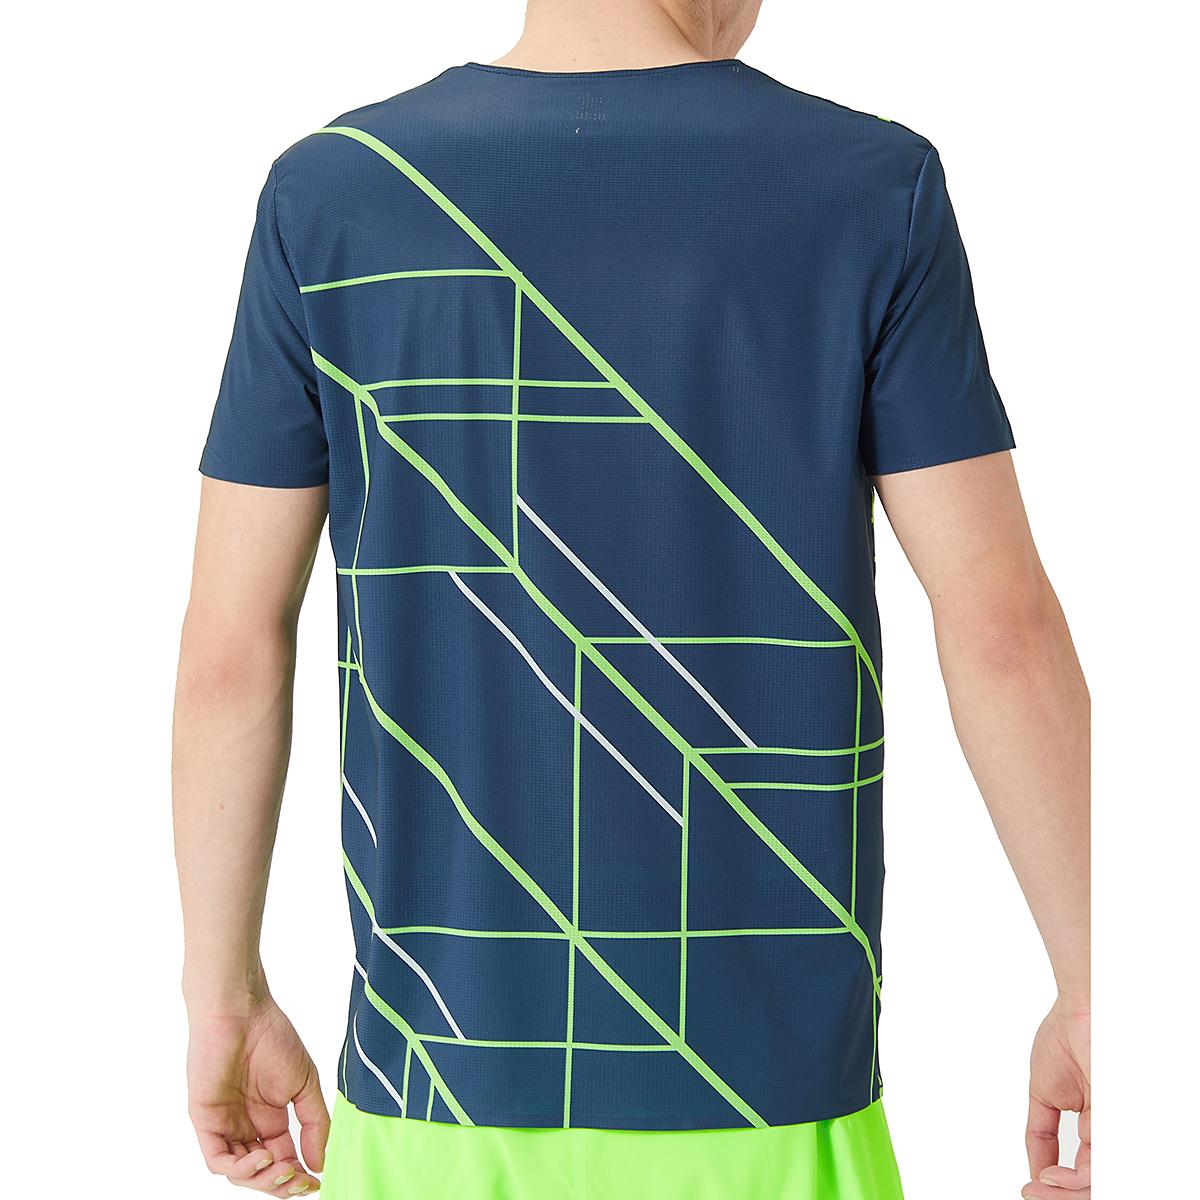 Men's Rabbit Runtee Short Sleeve - Color: Dress Blues/Green Gecko - Size: XL, Dress Blues/Green Gecko, large, image 2